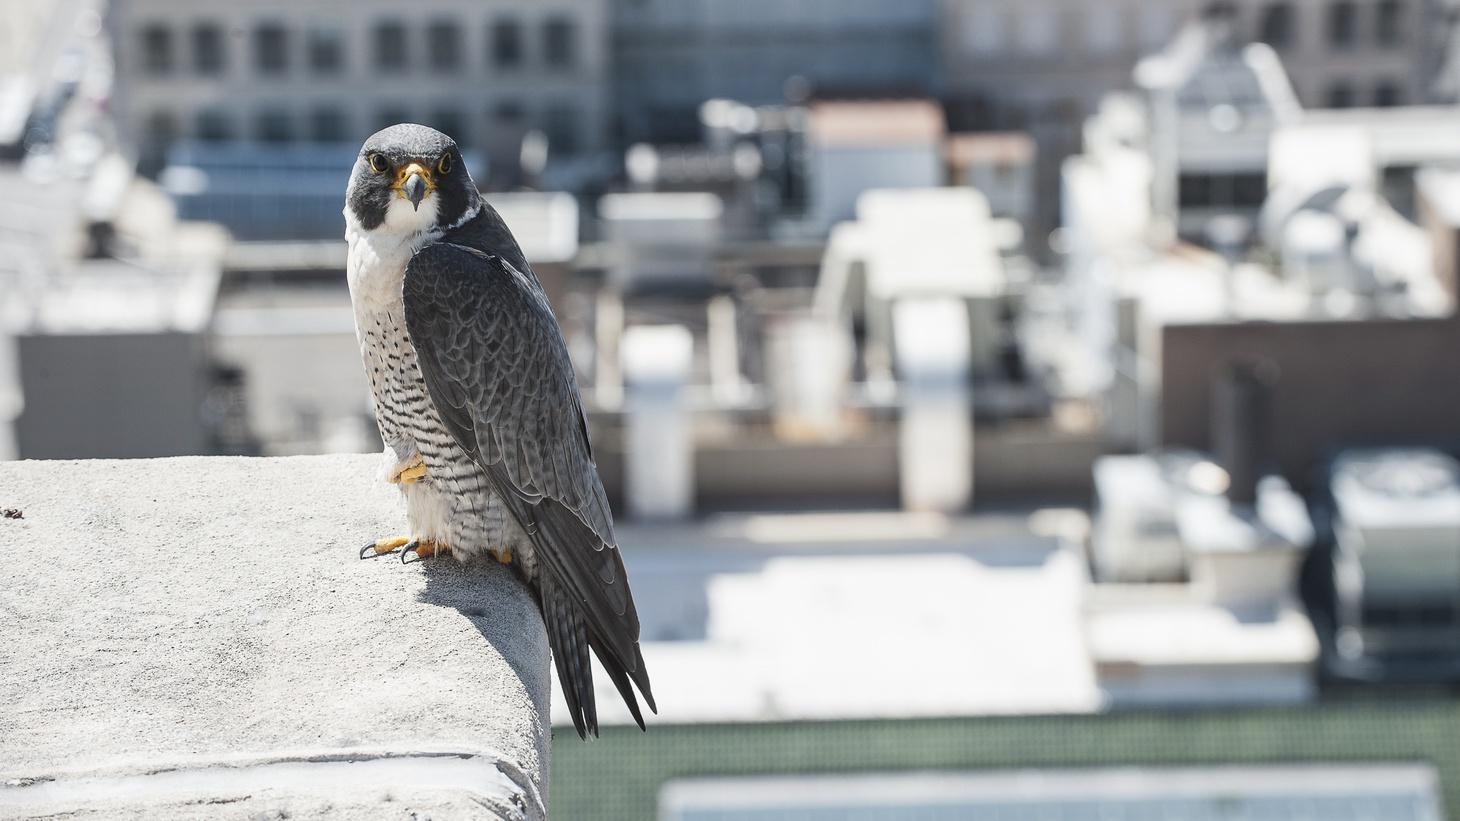 A peregrine falcon in the city.